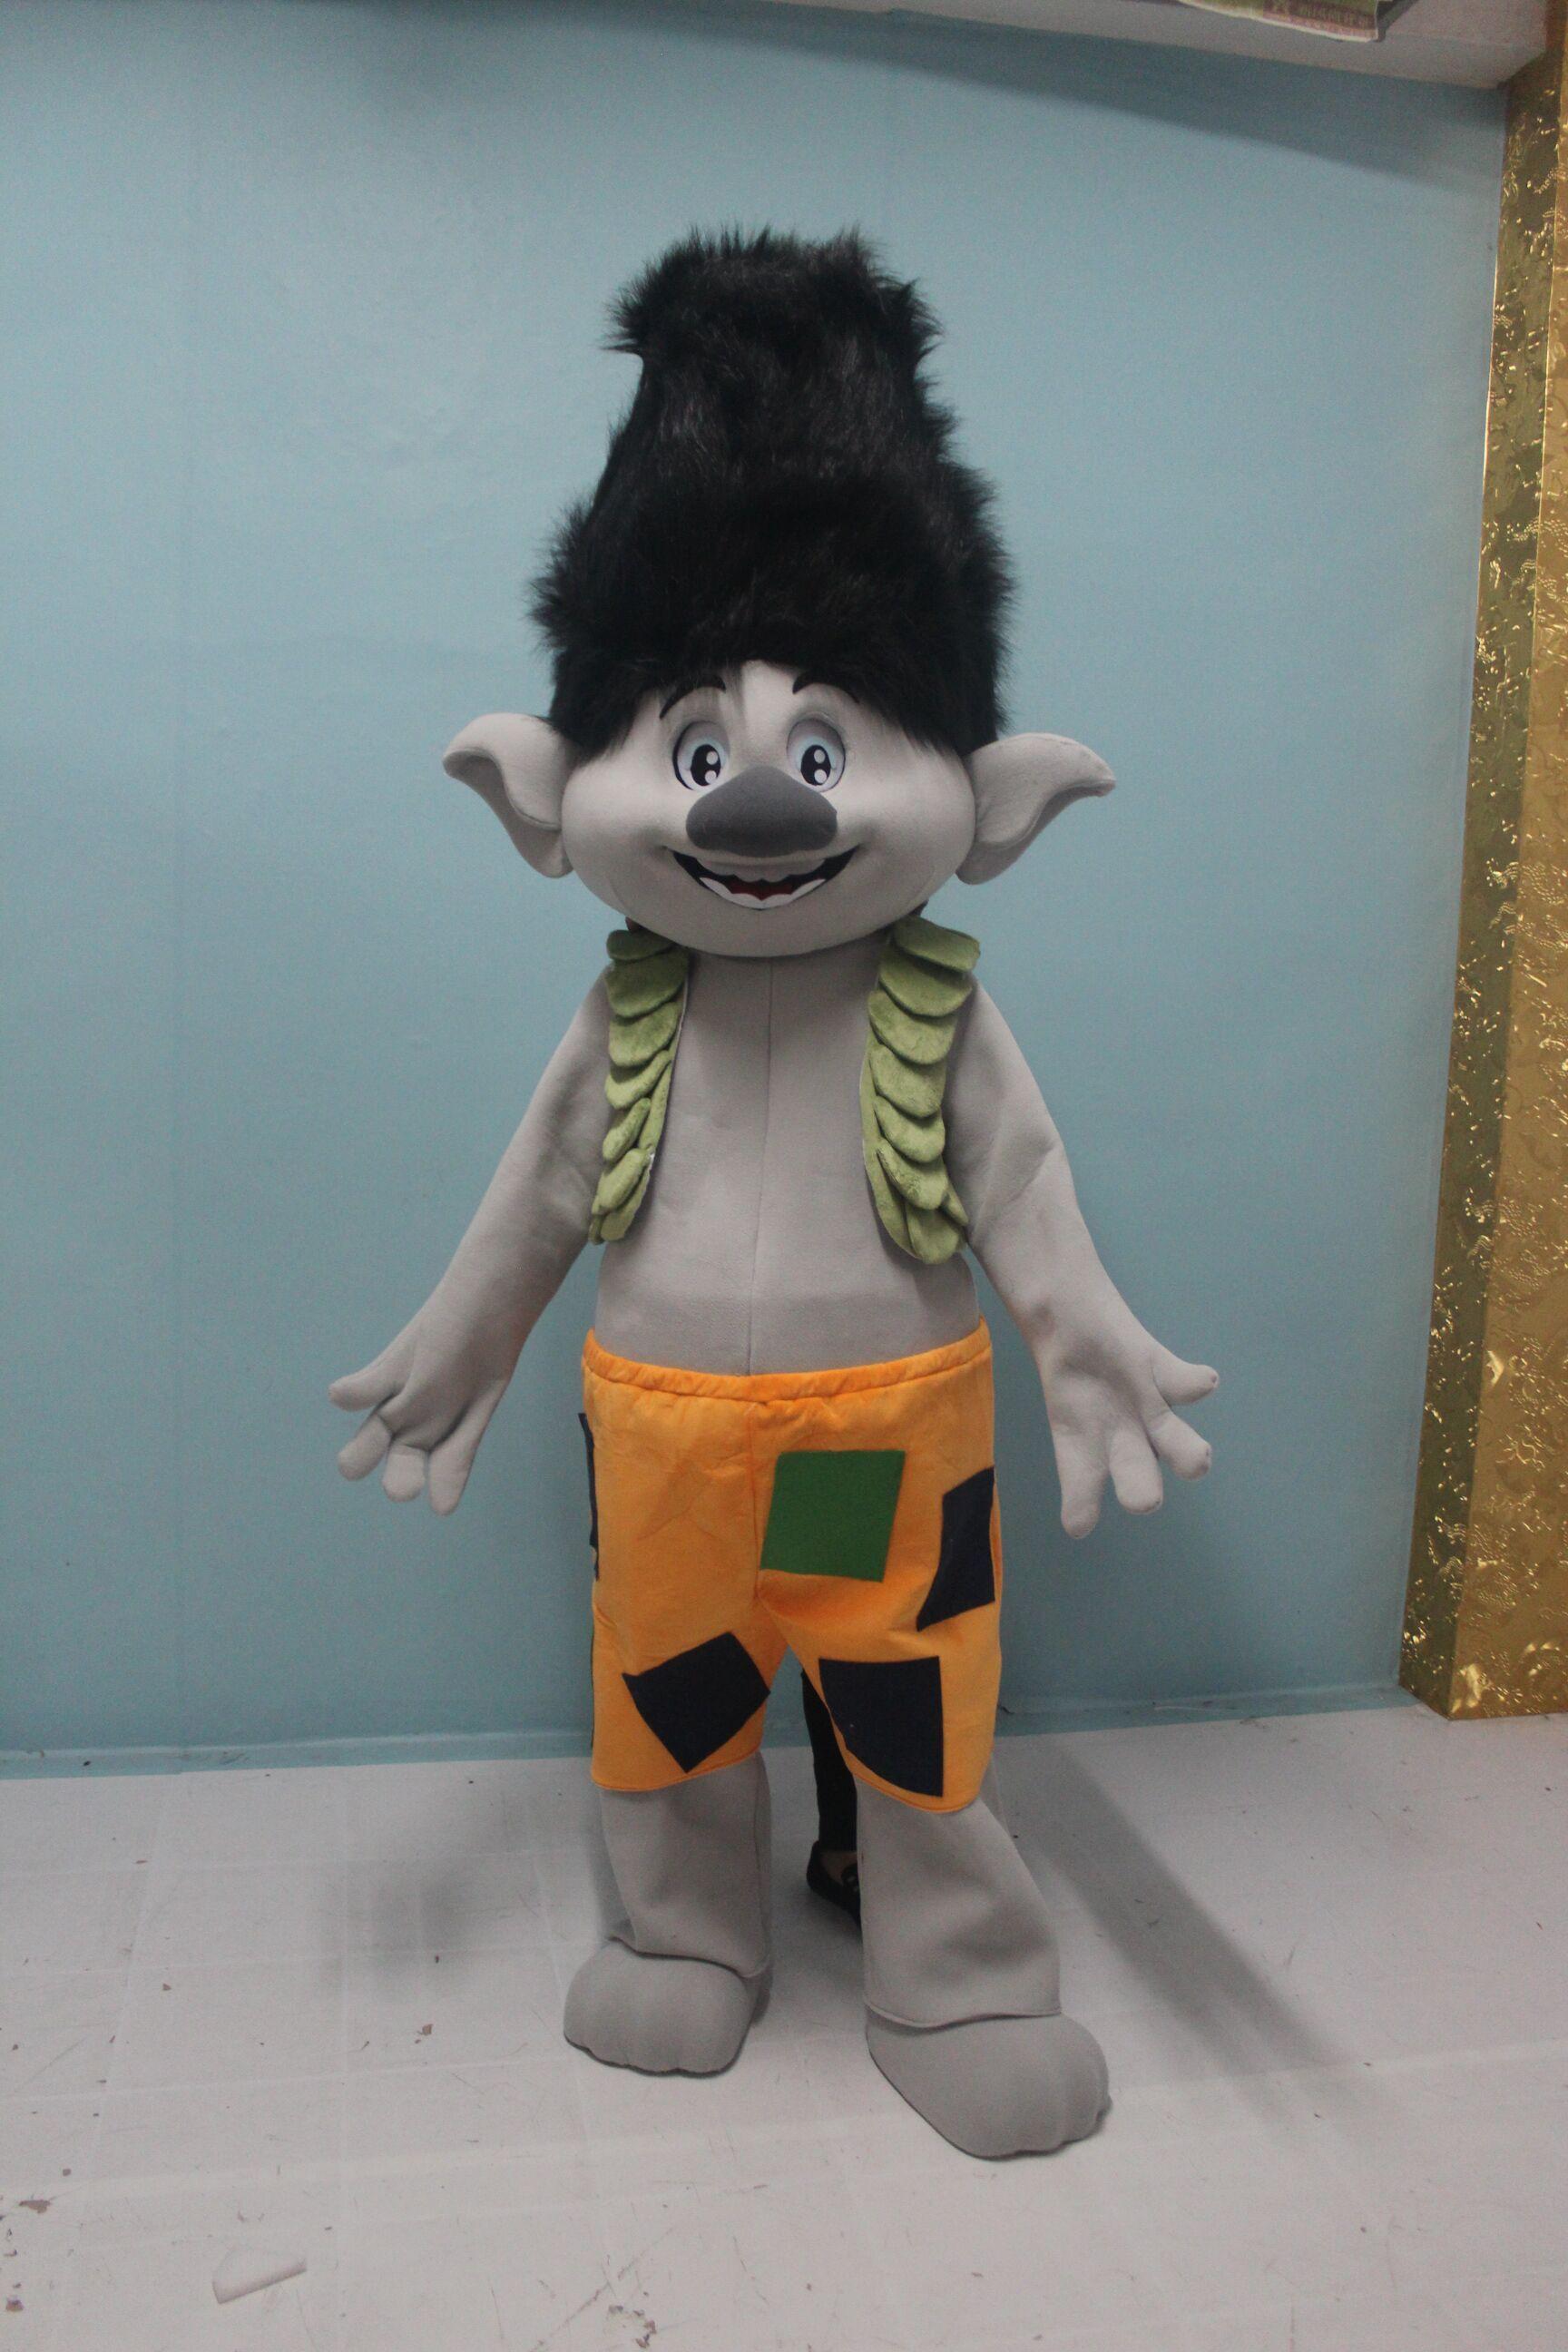 Nouvelle Mascotte Costume Trolls Parade Mascot Parade De Qualité Anniversaires Clowns Troll Fête Robes